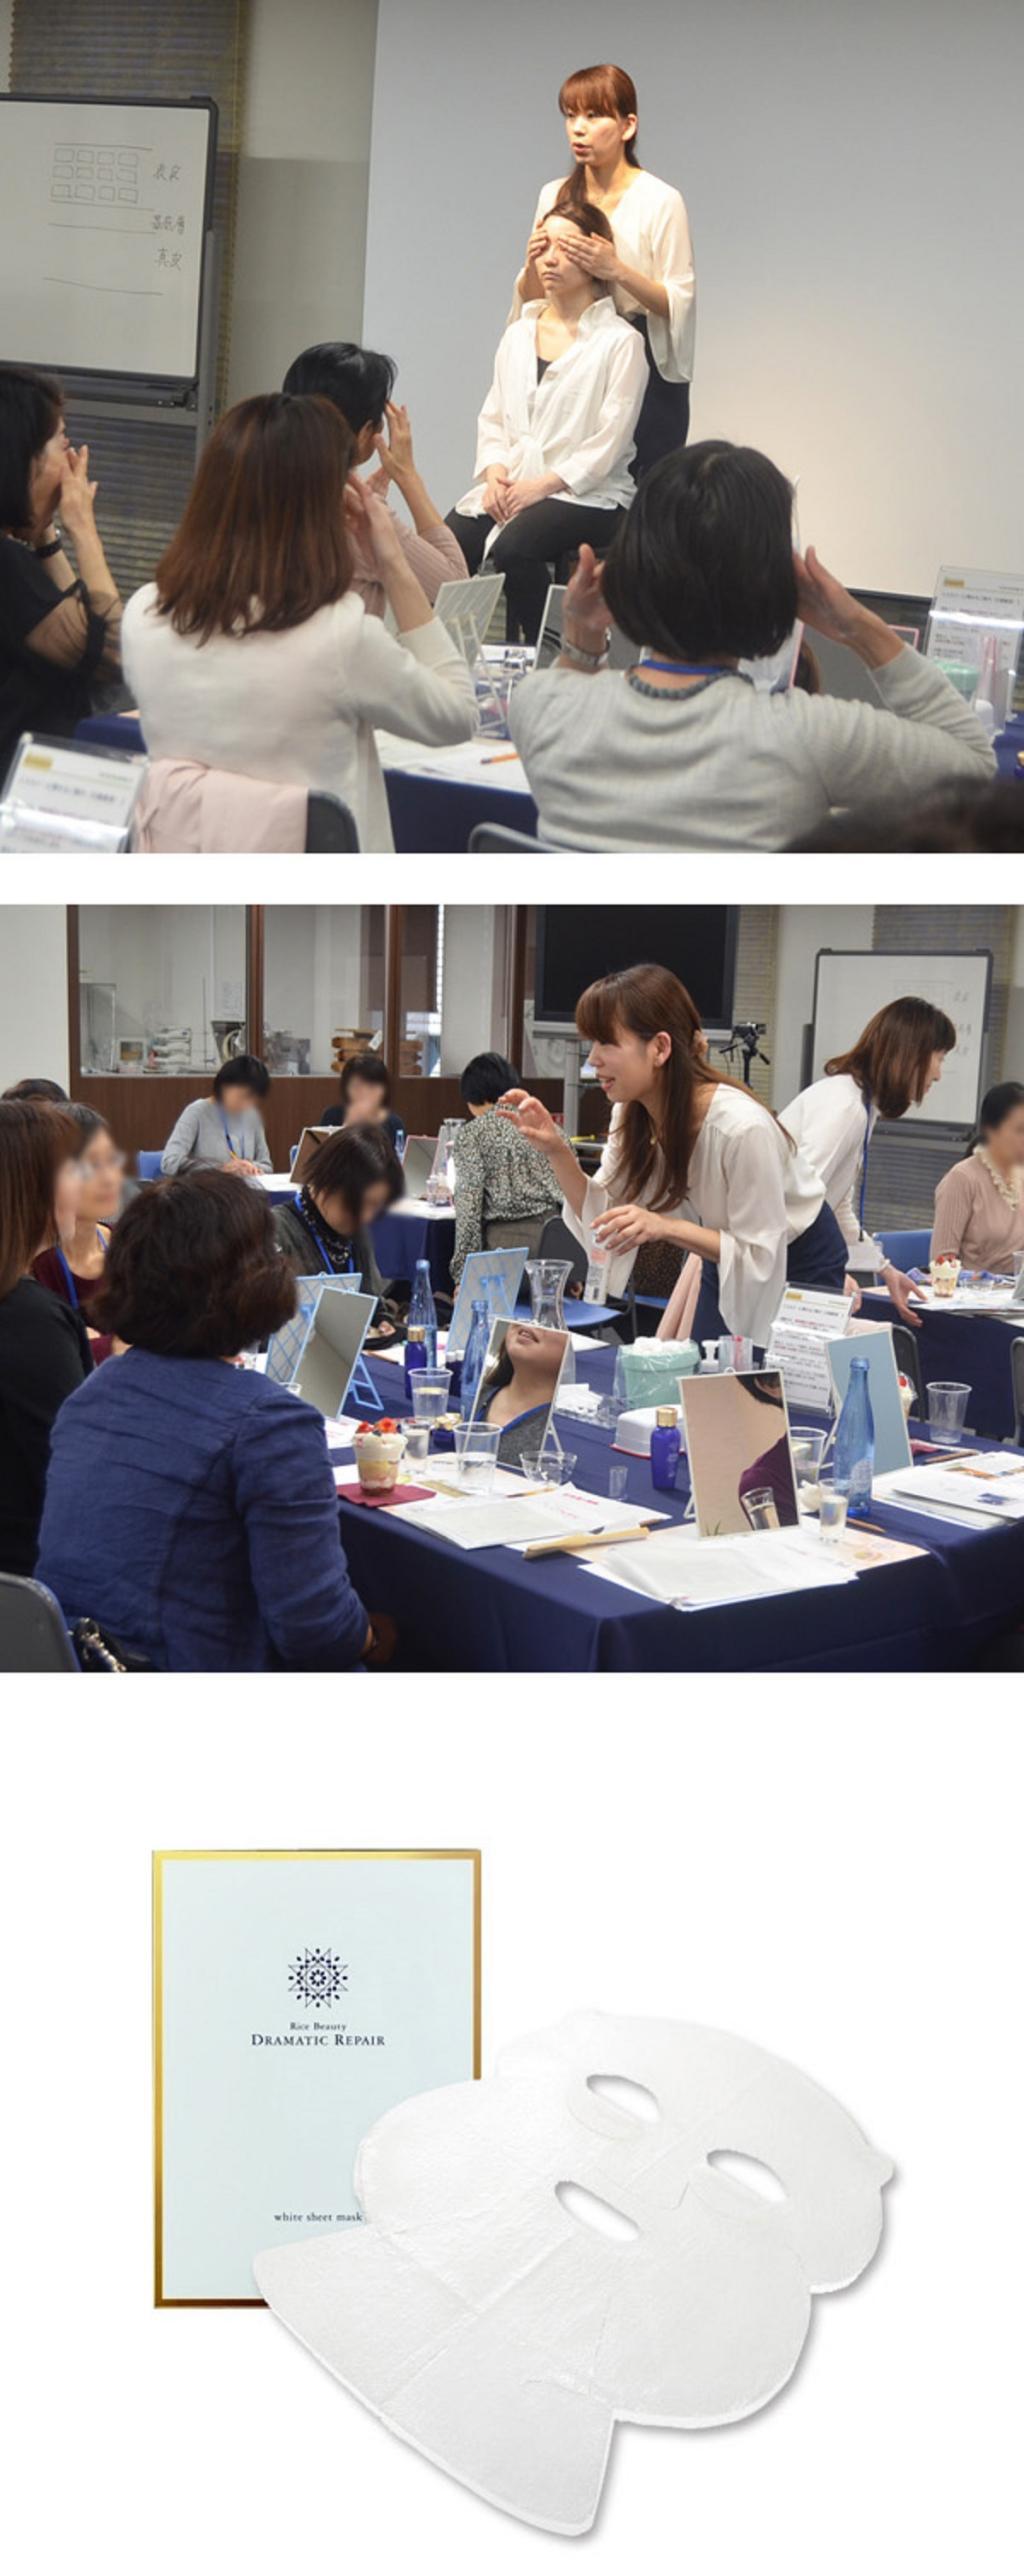 4월 중순 -4월 하순 개최 세미나의 소개 ~ 흰색 학 긴자 스타일 ~